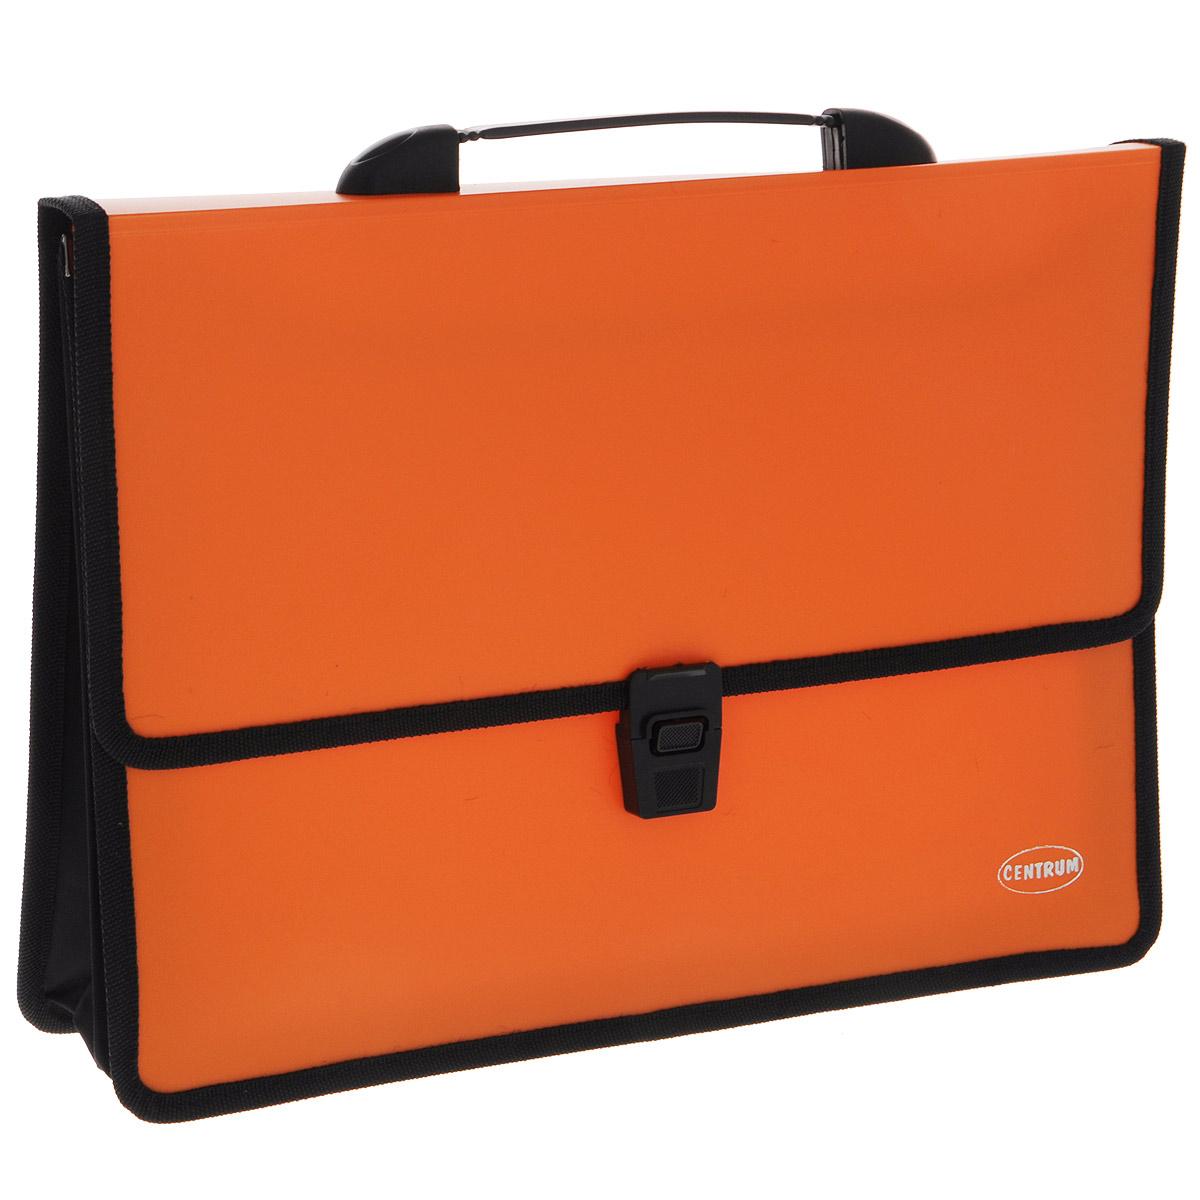 Папка-портфель Centrum, с ручкой, цвет: оранжевыйDB20AB-03Папка-портфель Centrum станет вашим верным помощником дома и в офисе. Это удобный и функциональный инструмент, предназначенный для хранения и транспортировки больших объемов рабочих бумаг и документов формата А4.Папка изготовлена из износостойкого высококачественного пластика толщиной 0,70 мм, и закрывается на широкий клапан с замком. Состоит из 2 вместительных отделений. Грани папки отделаны полиэстером, а уголки закруглены для обеспечения дополнительной прочности и сохранности опрятного вида папки. Папка имеет удобную ручку для переноски.Папка - это незаменимый атрибут для любого студента, школьника или офисного работника. Такая папка надежно сохранит ваши бумаги и сбережет их от повреждений, пыли и влаги.